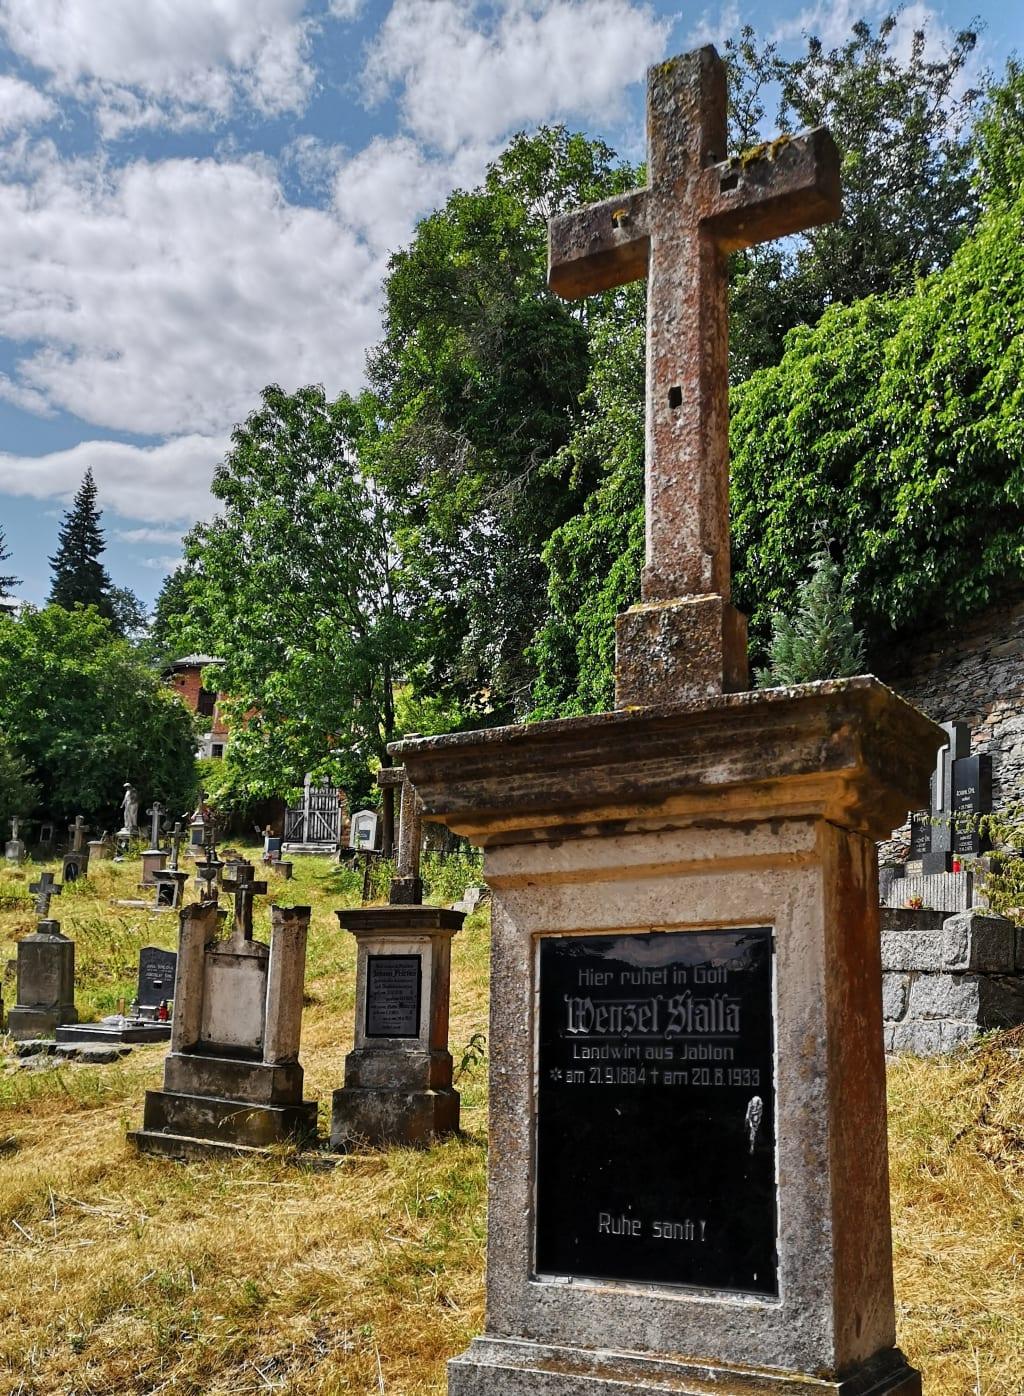 Historischer Friedhof mit alten deutschen Gräbern in Tschechien